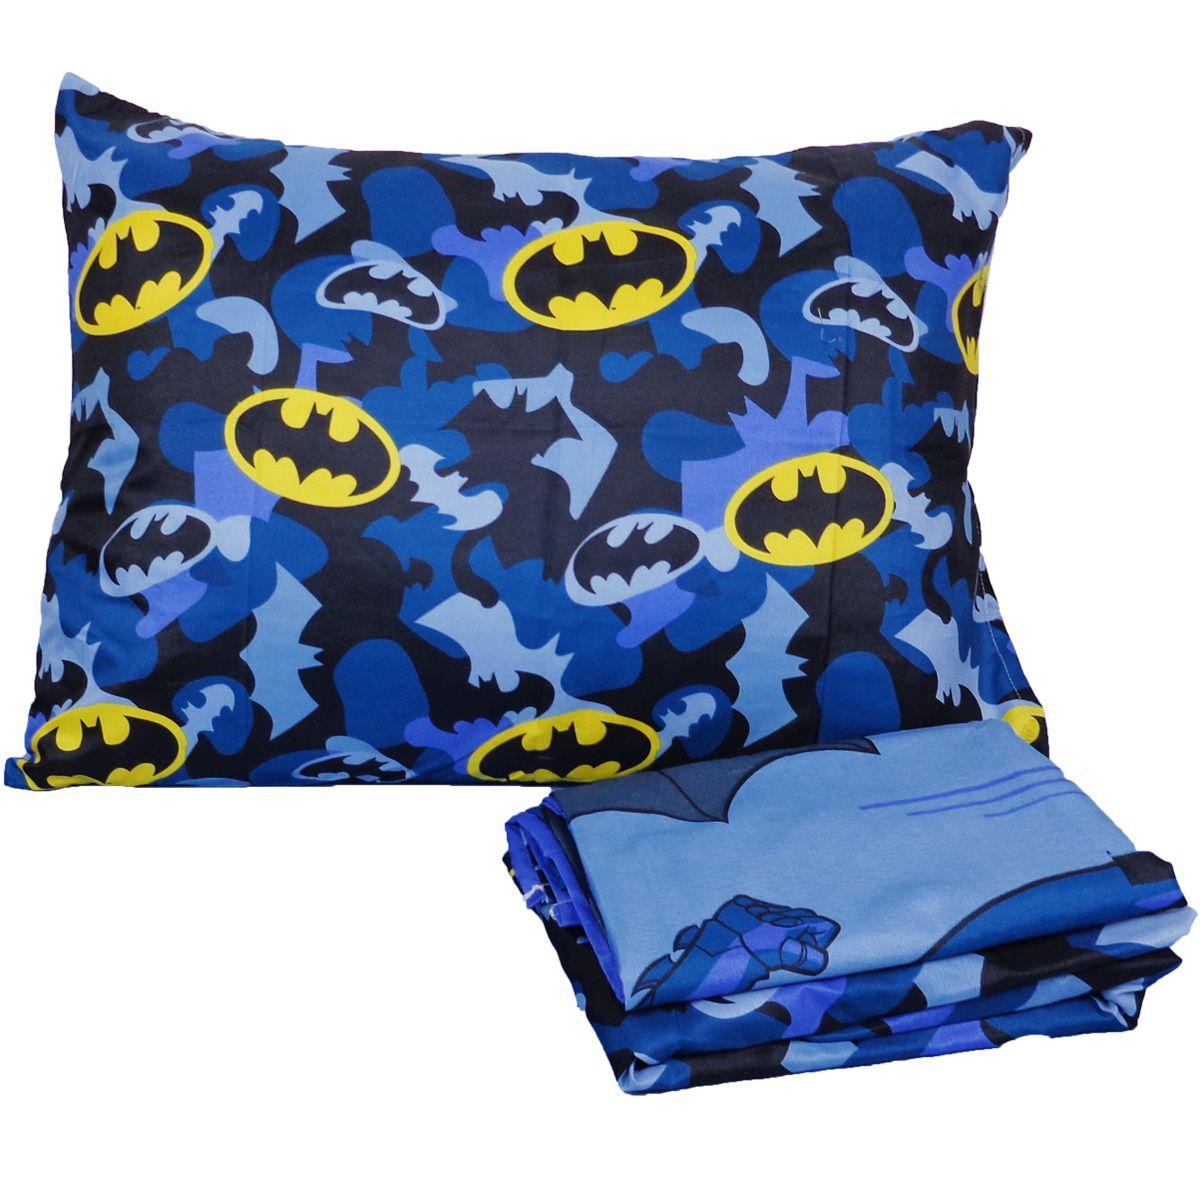 Jogo De Cama Infantil Personagem Batman 3 Peças Lepper